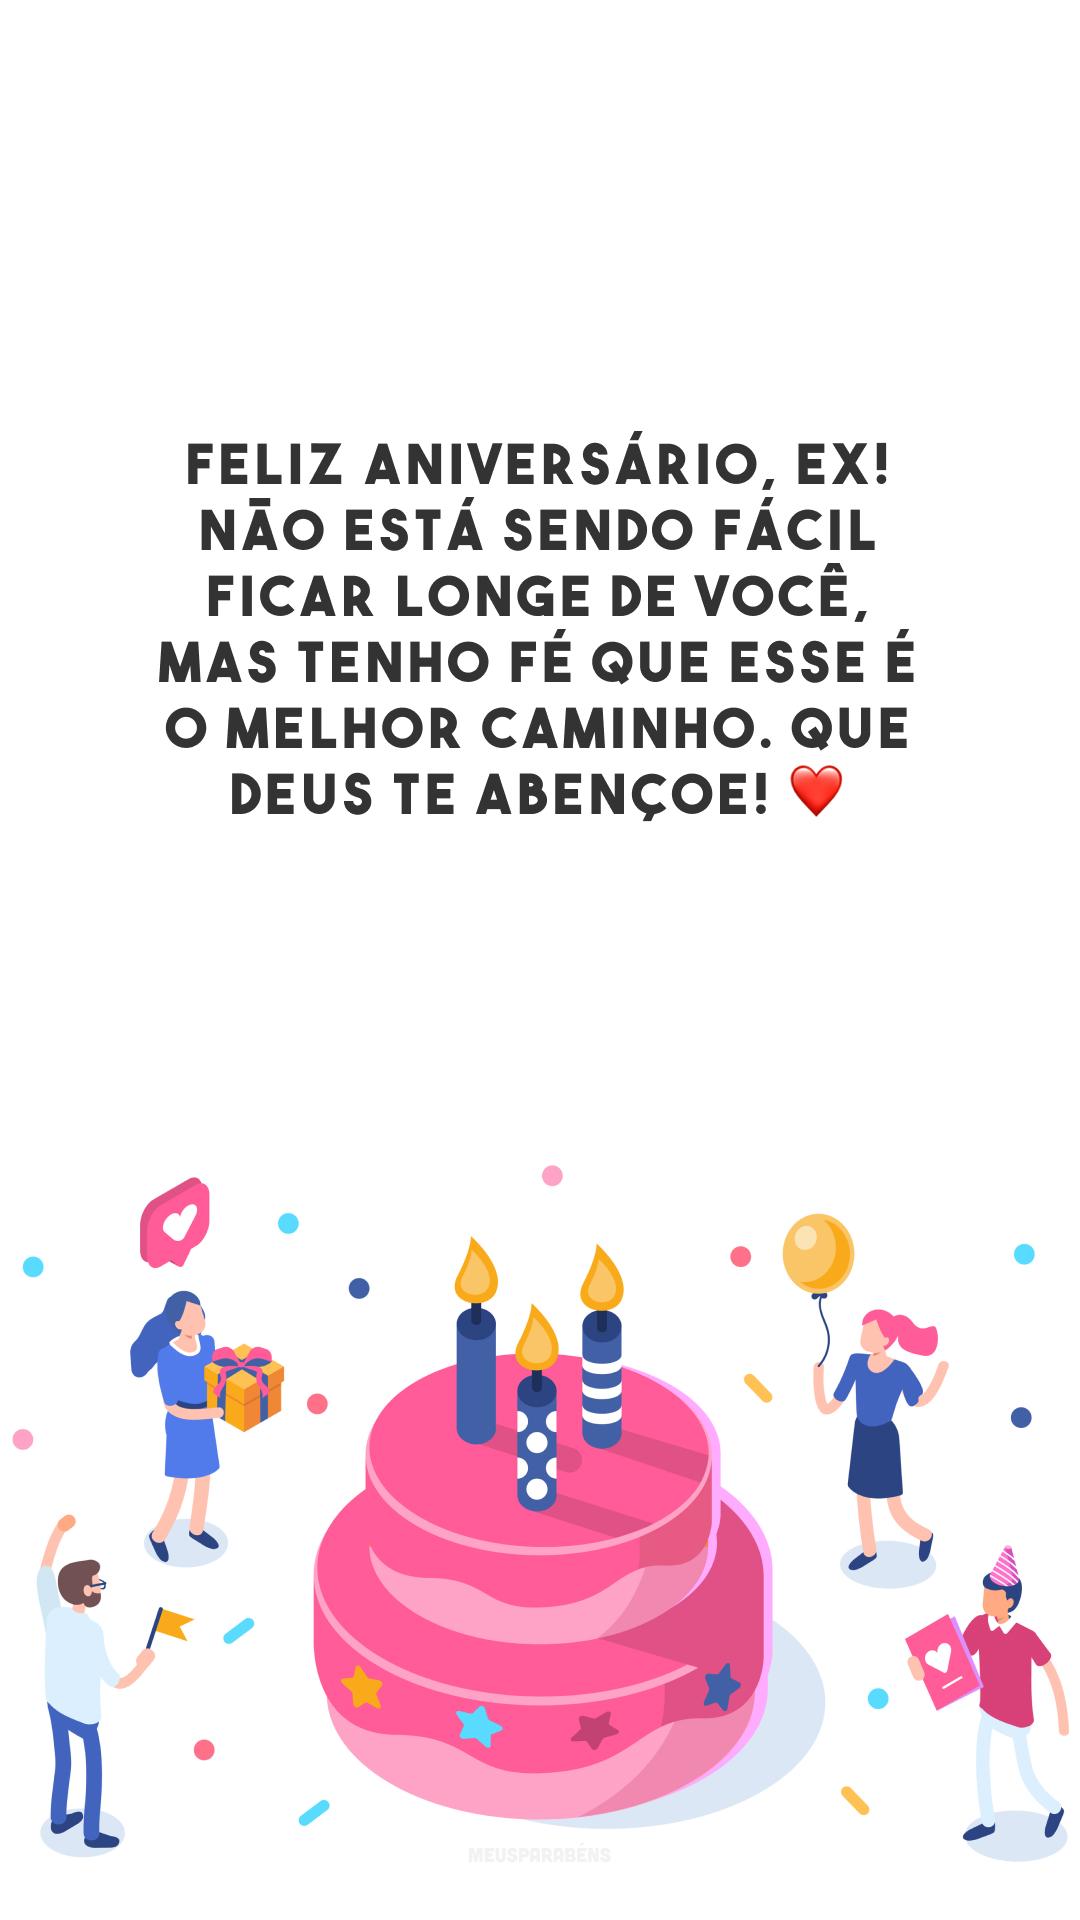 Feliz aniversário, ex! Não está sendo fácil ficar longe de você, mas tenho fé que esse é o melhor caminho. Que Deus te abençoe! ❤️